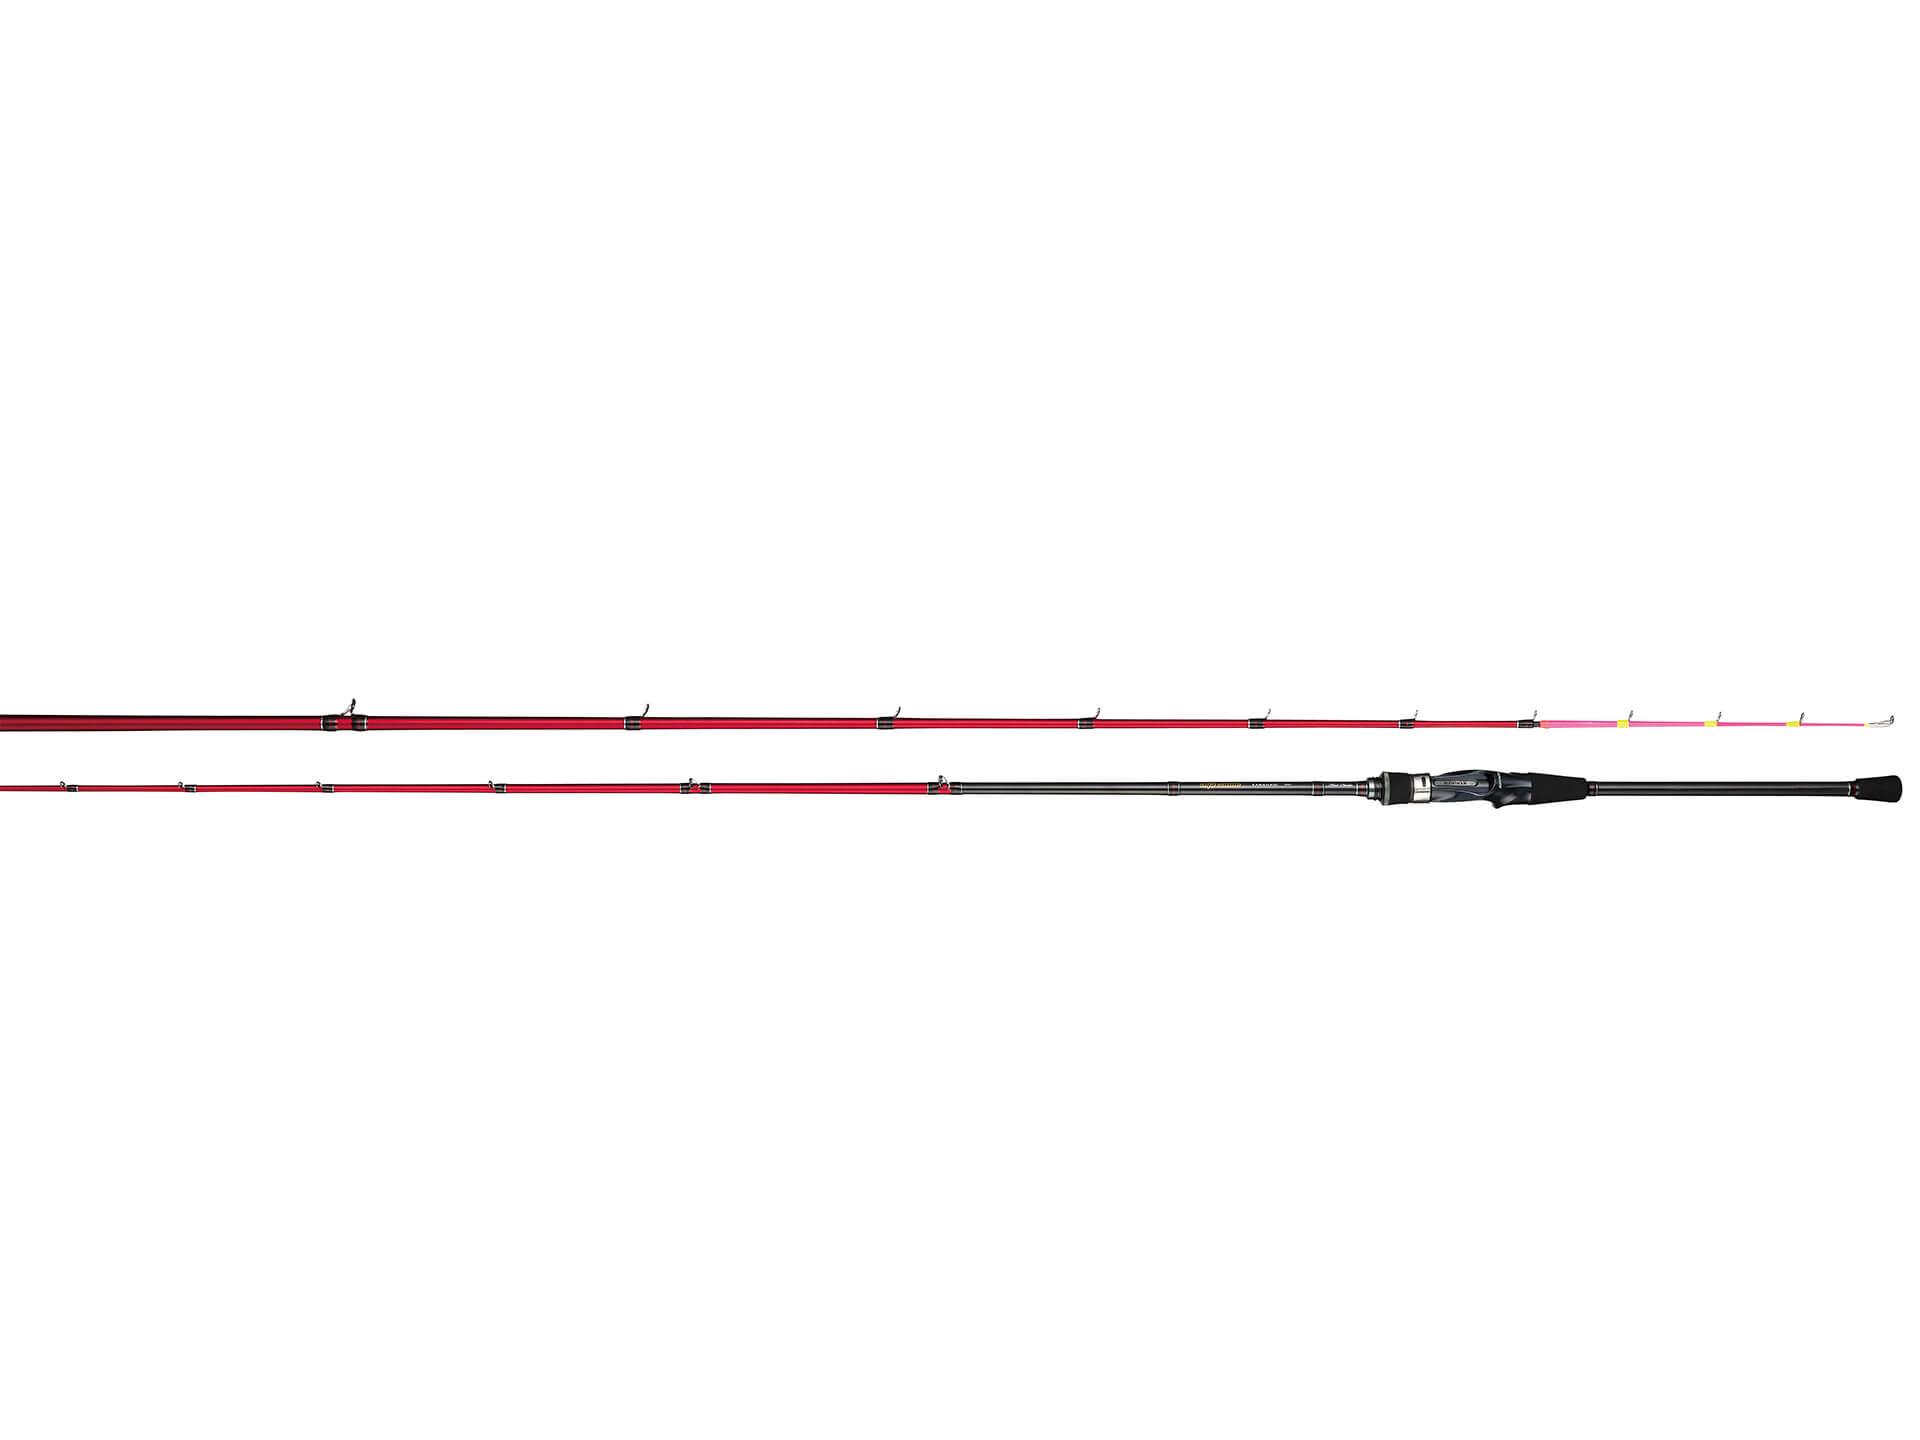 アルファソニック・カワハギ165Hハードノッカー